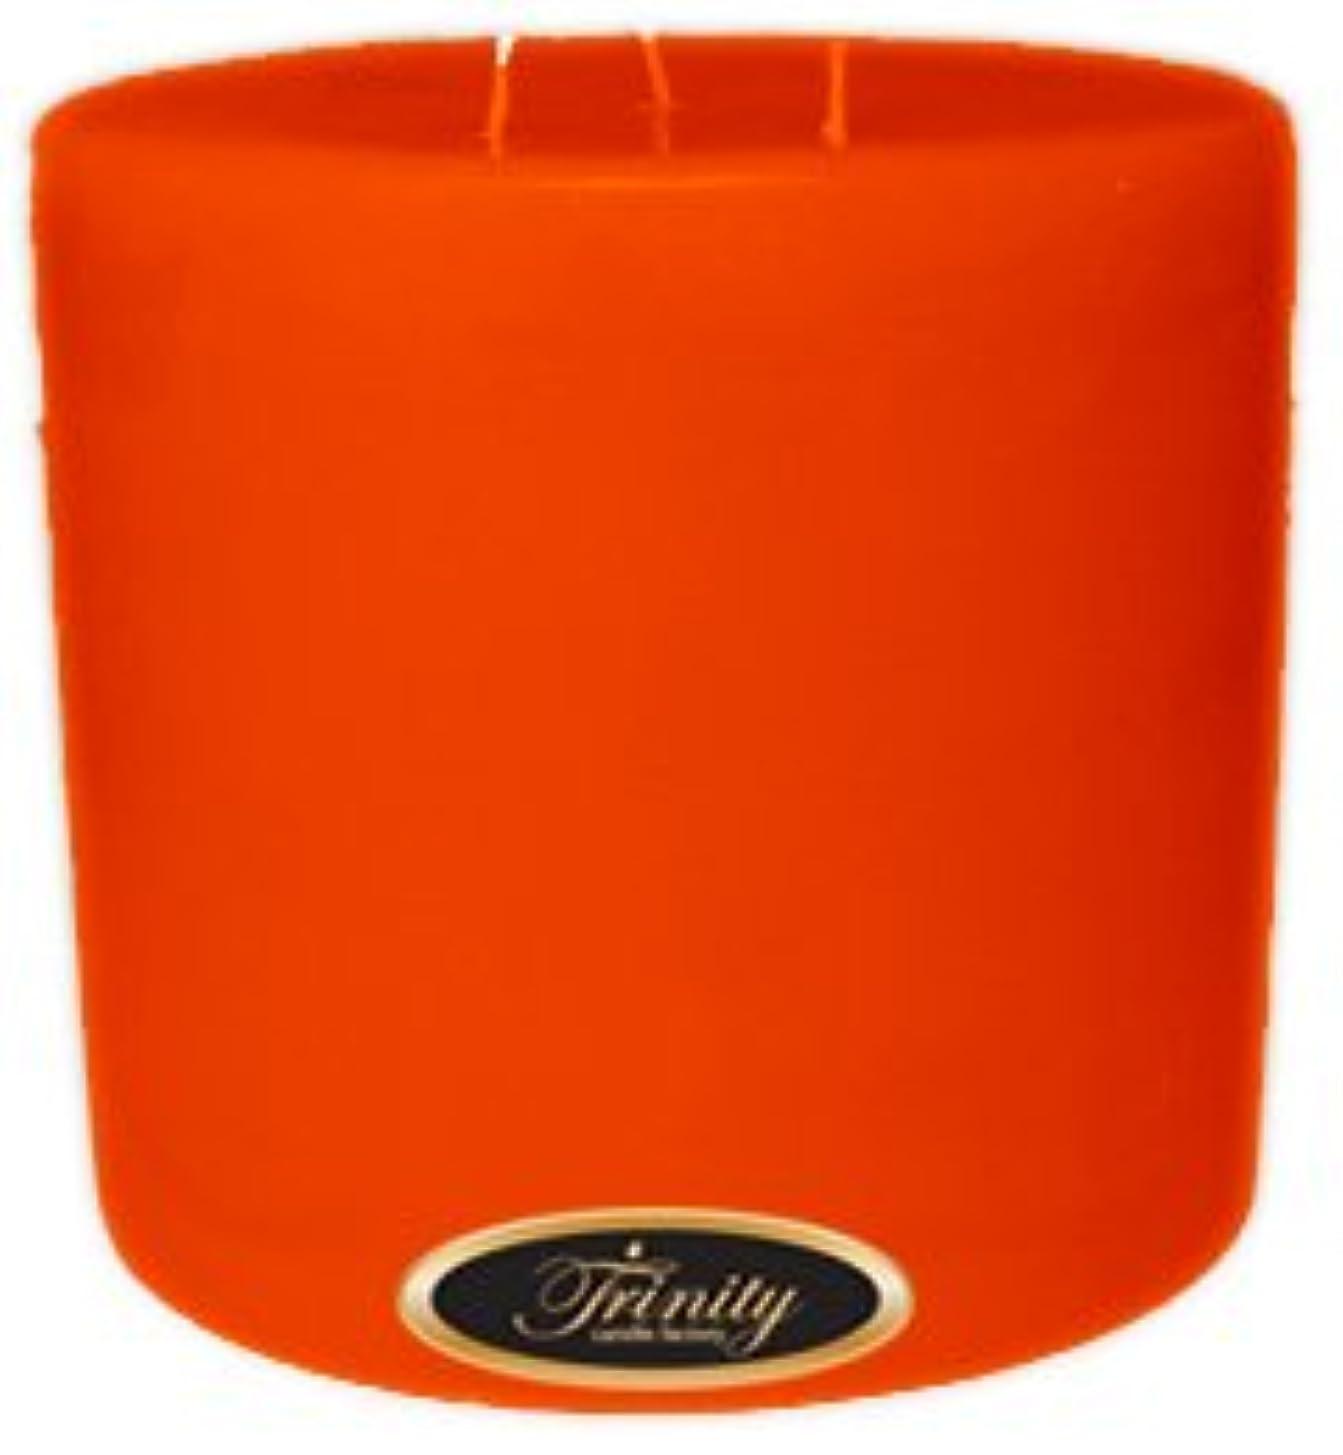 天の暗い人類Trinity Candle工場 – スイカズラ – Pillar Candle – 6 x 6